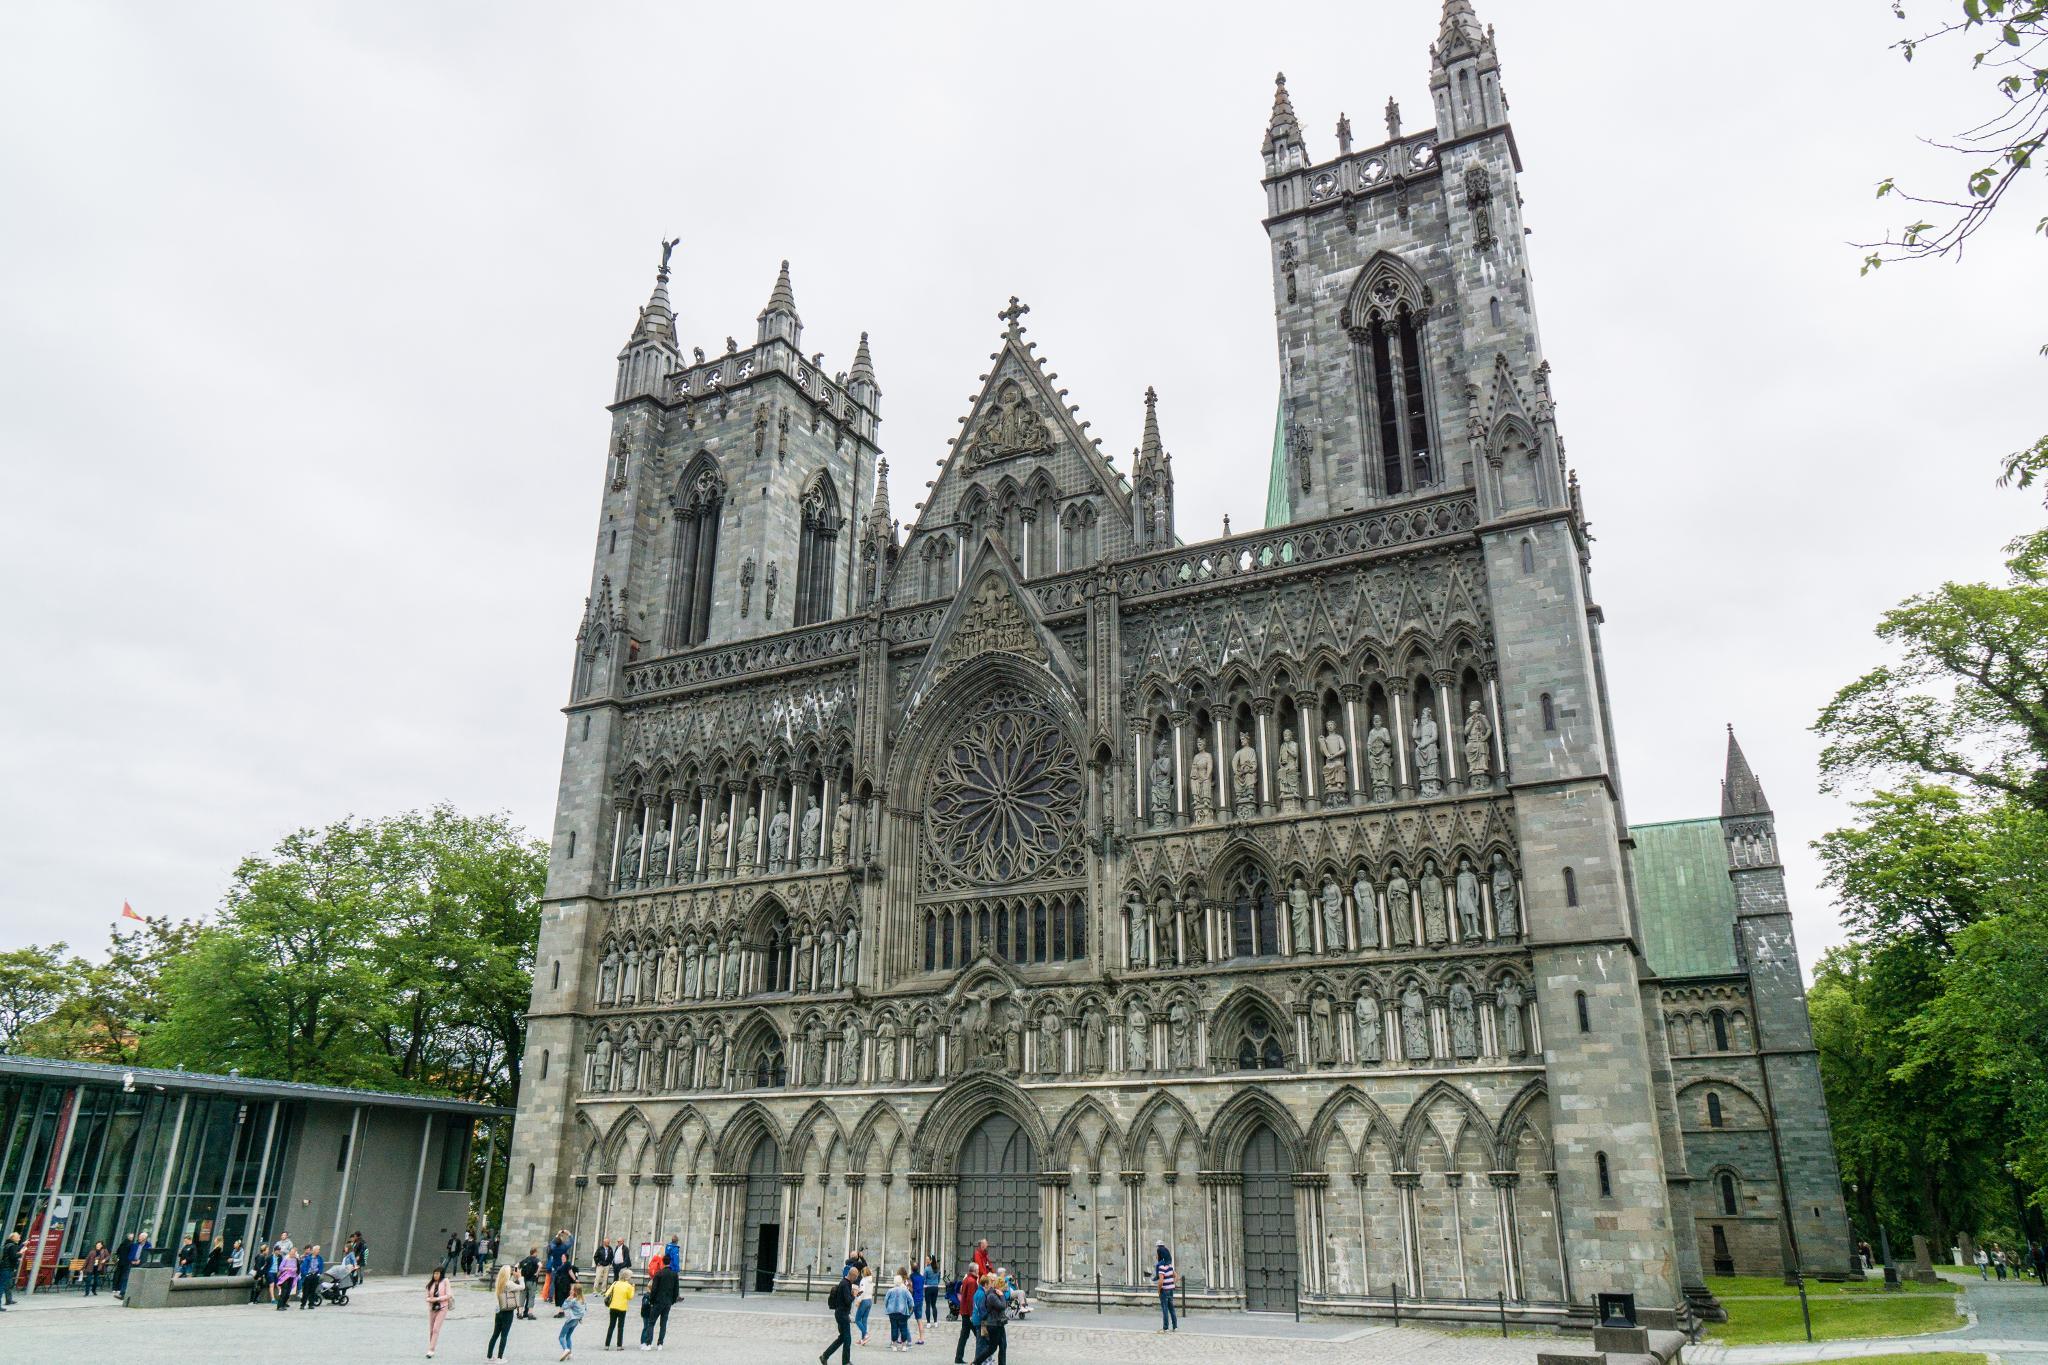 【北歐景點】拜訪維京王的千年古城 - Trondheim 特隆赫姆景點懶人包 21